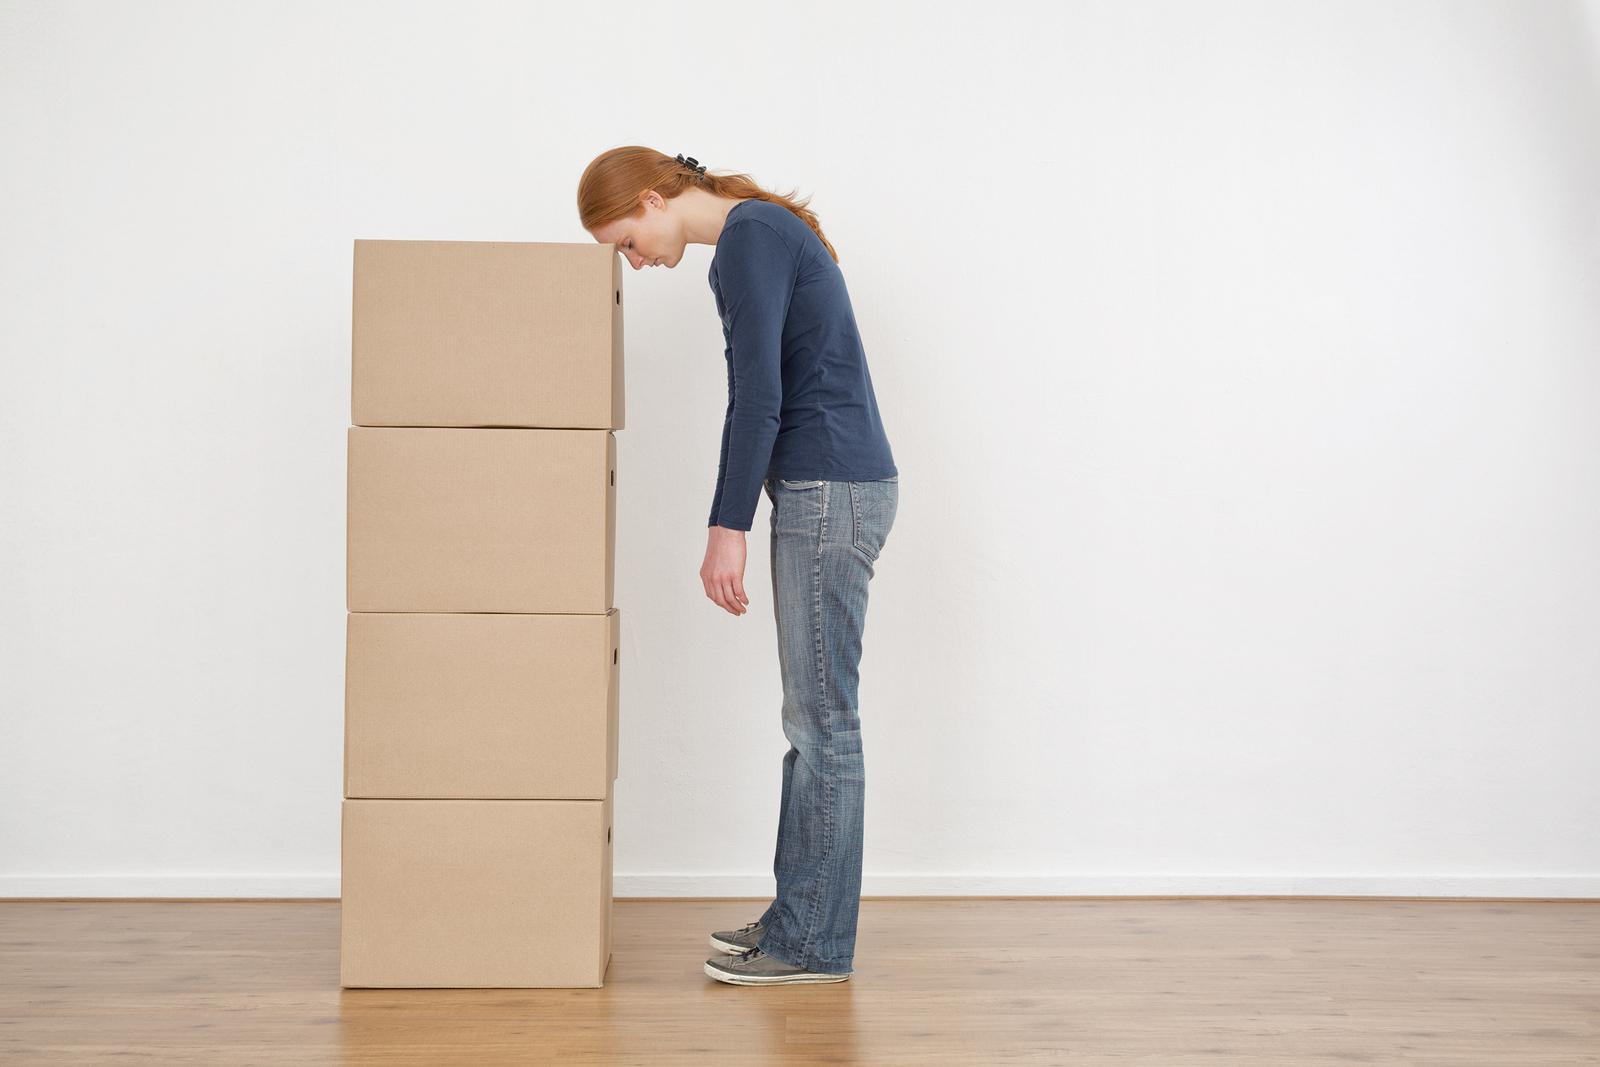 Flytta isär - kvinna flyttar